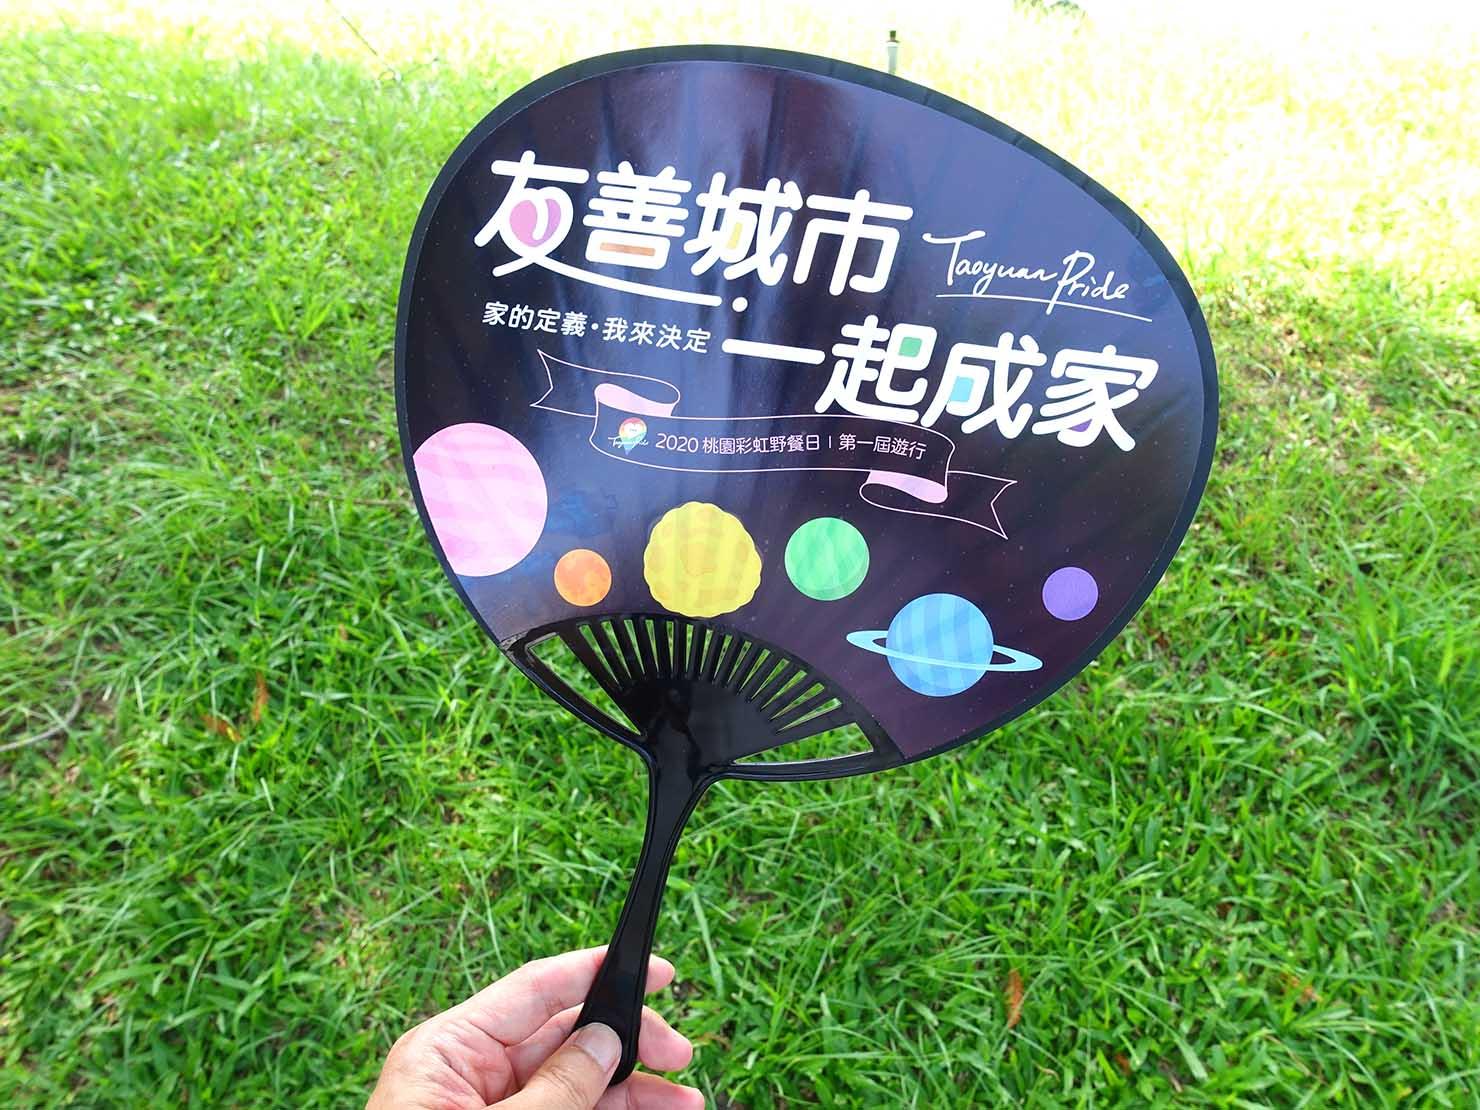 台湾・桃園のLGBTプライド「桃園彩虹野餐日」2020の会場で配られたうちわ